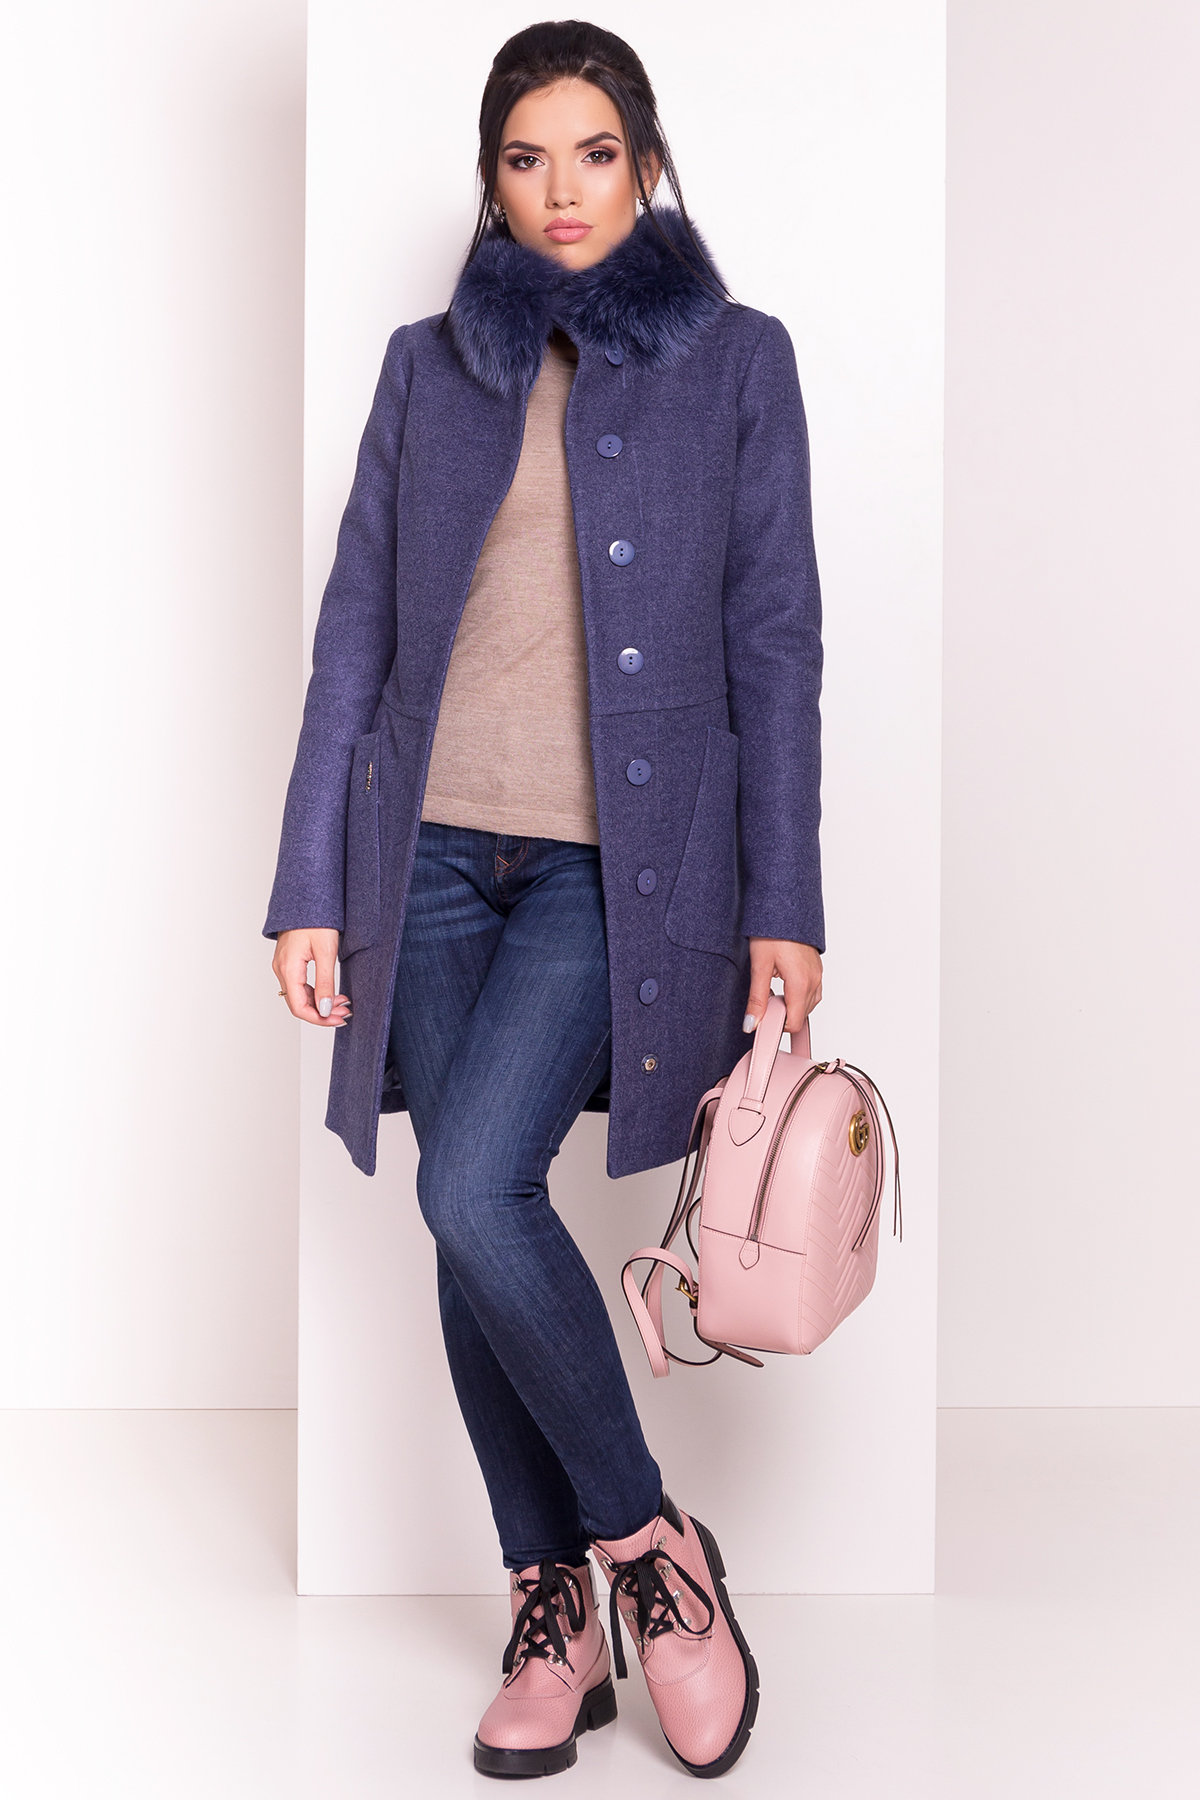 Пальто зима с меховым воротником стойкой Габи 4175 АРТ. 36700 Цвет: Джинс - фото 1, интернет магазин tm-modus.ru